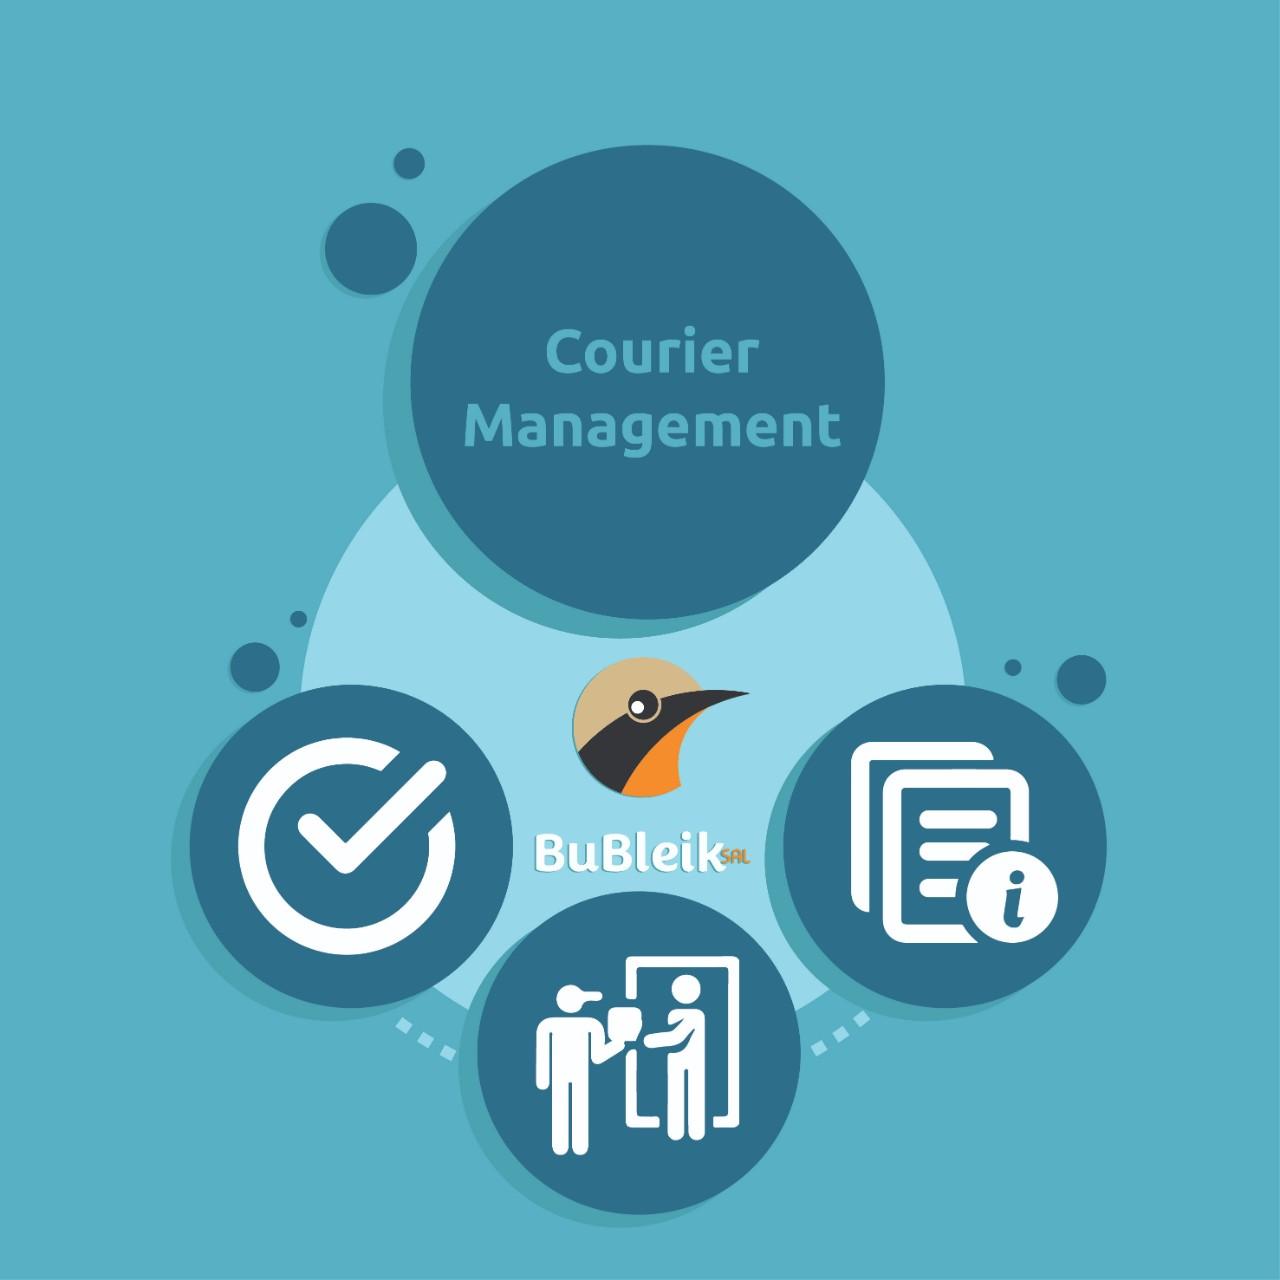 Courier Management